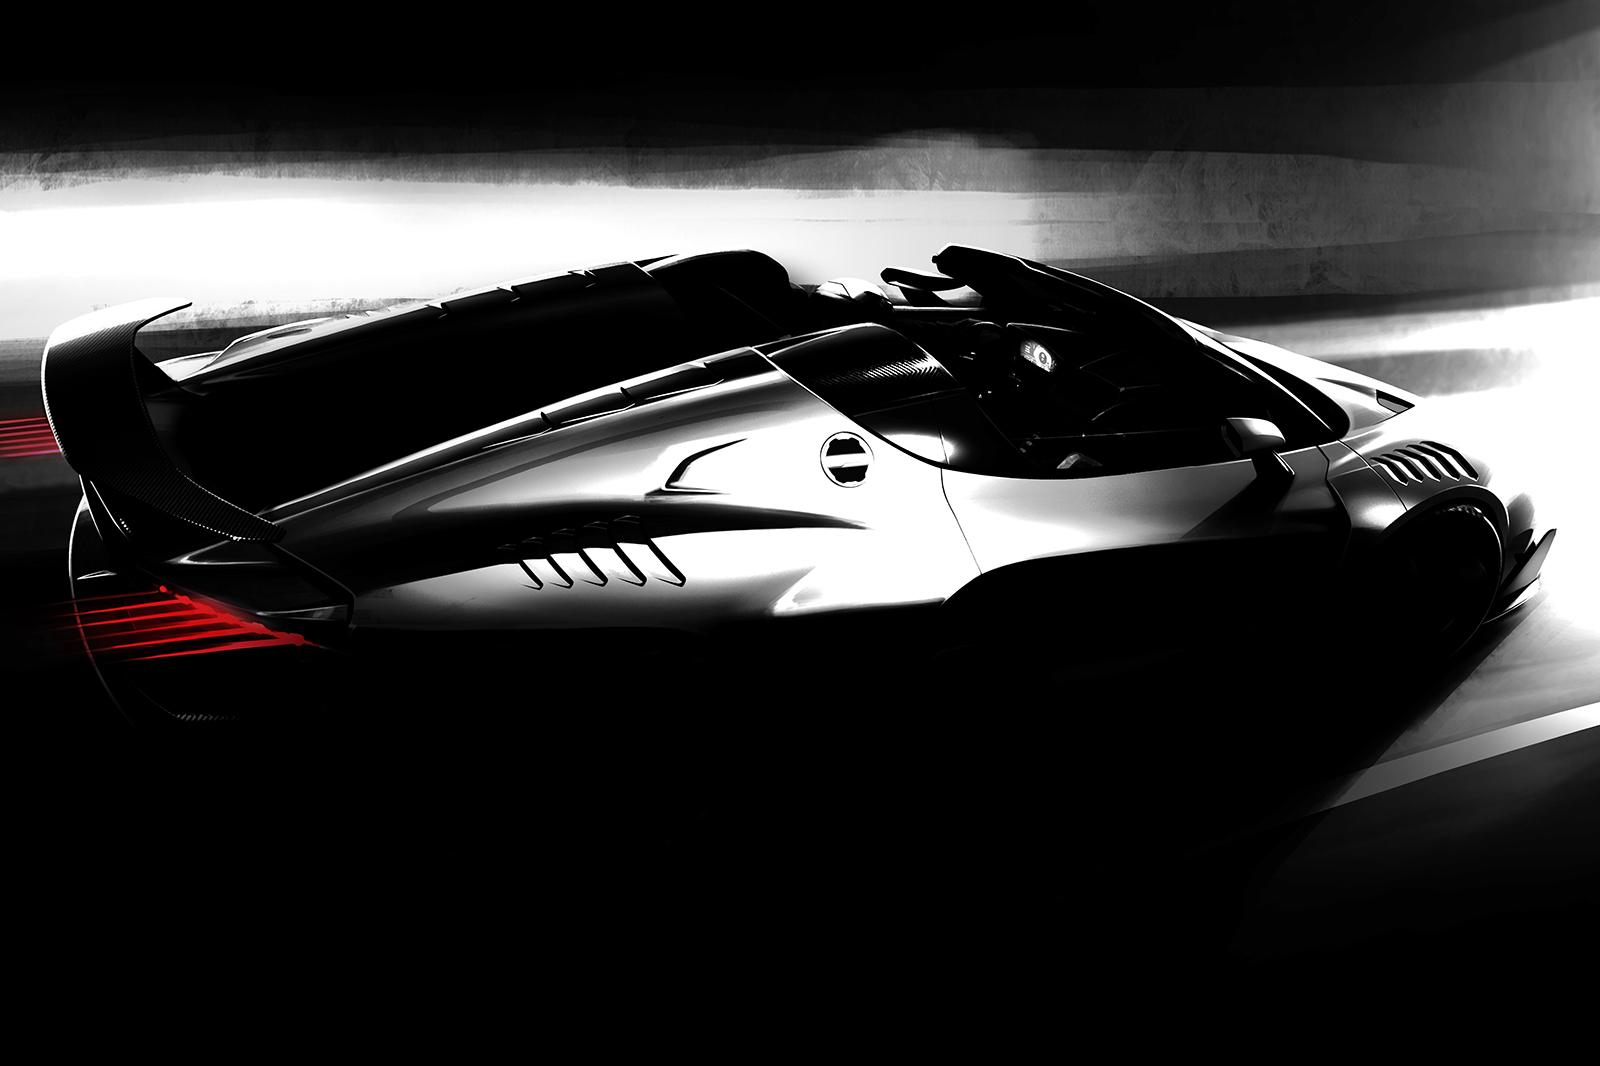 Конвертер Italdesign Zerouno будет представлен на автосалоне в Женеве